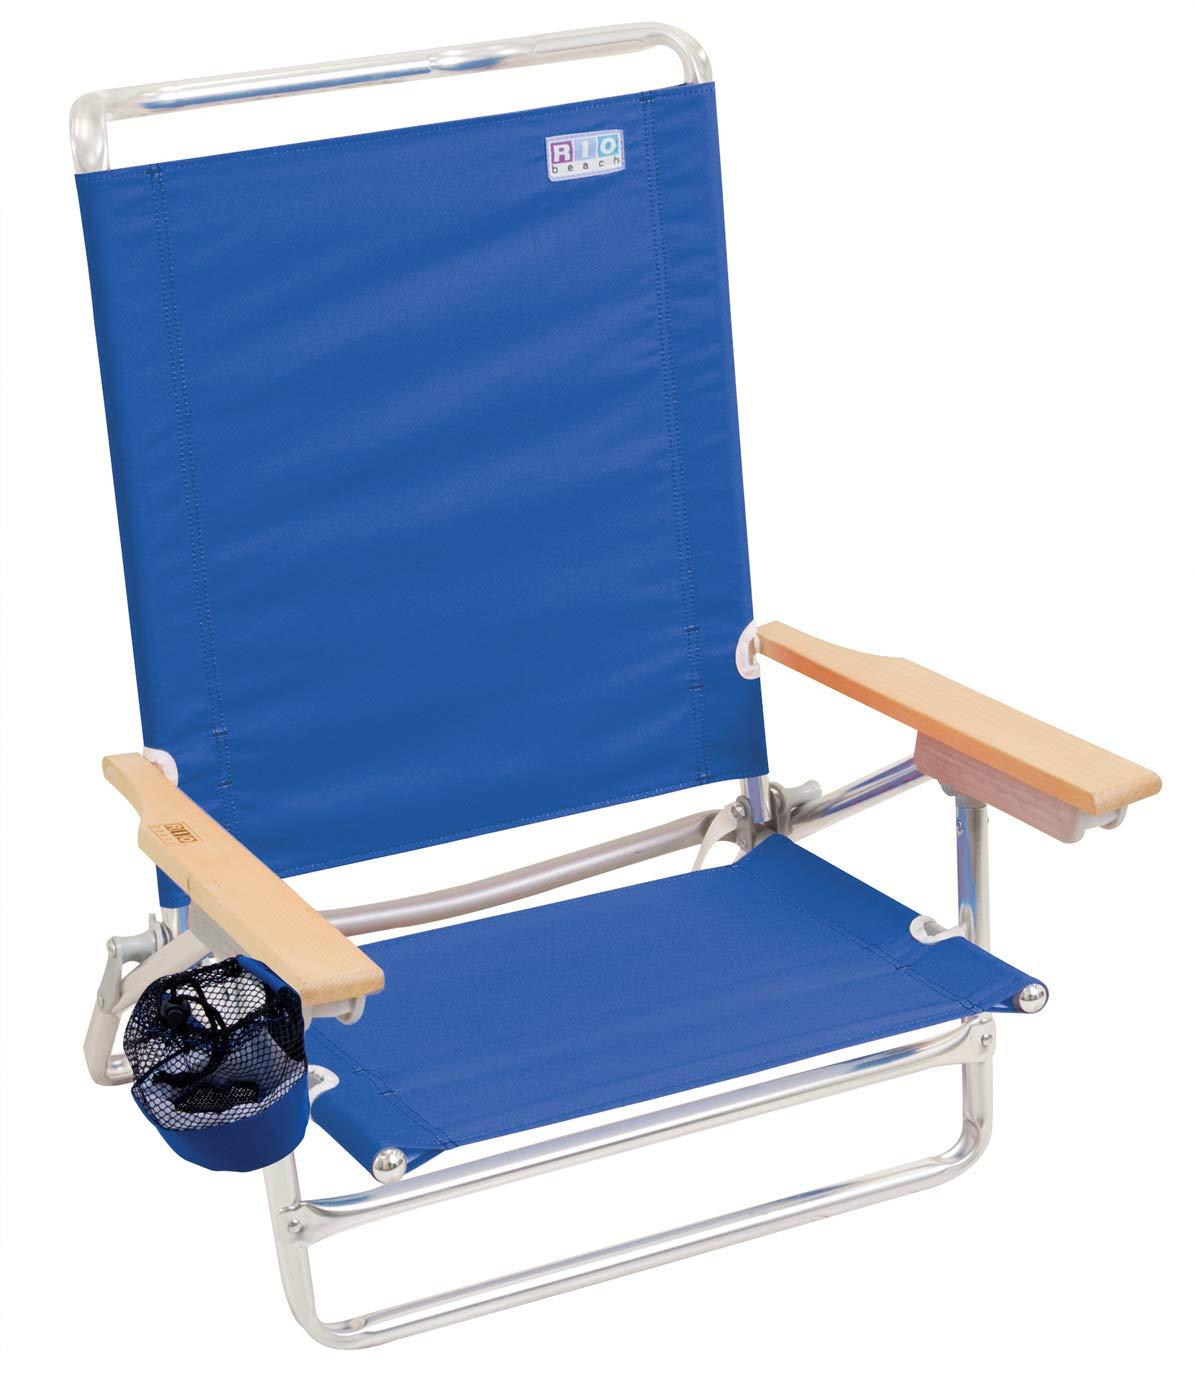 Rio Beach Classic 5 Position Lay Flat Folding Beach Chair - Pacific Blue by RIO Gear